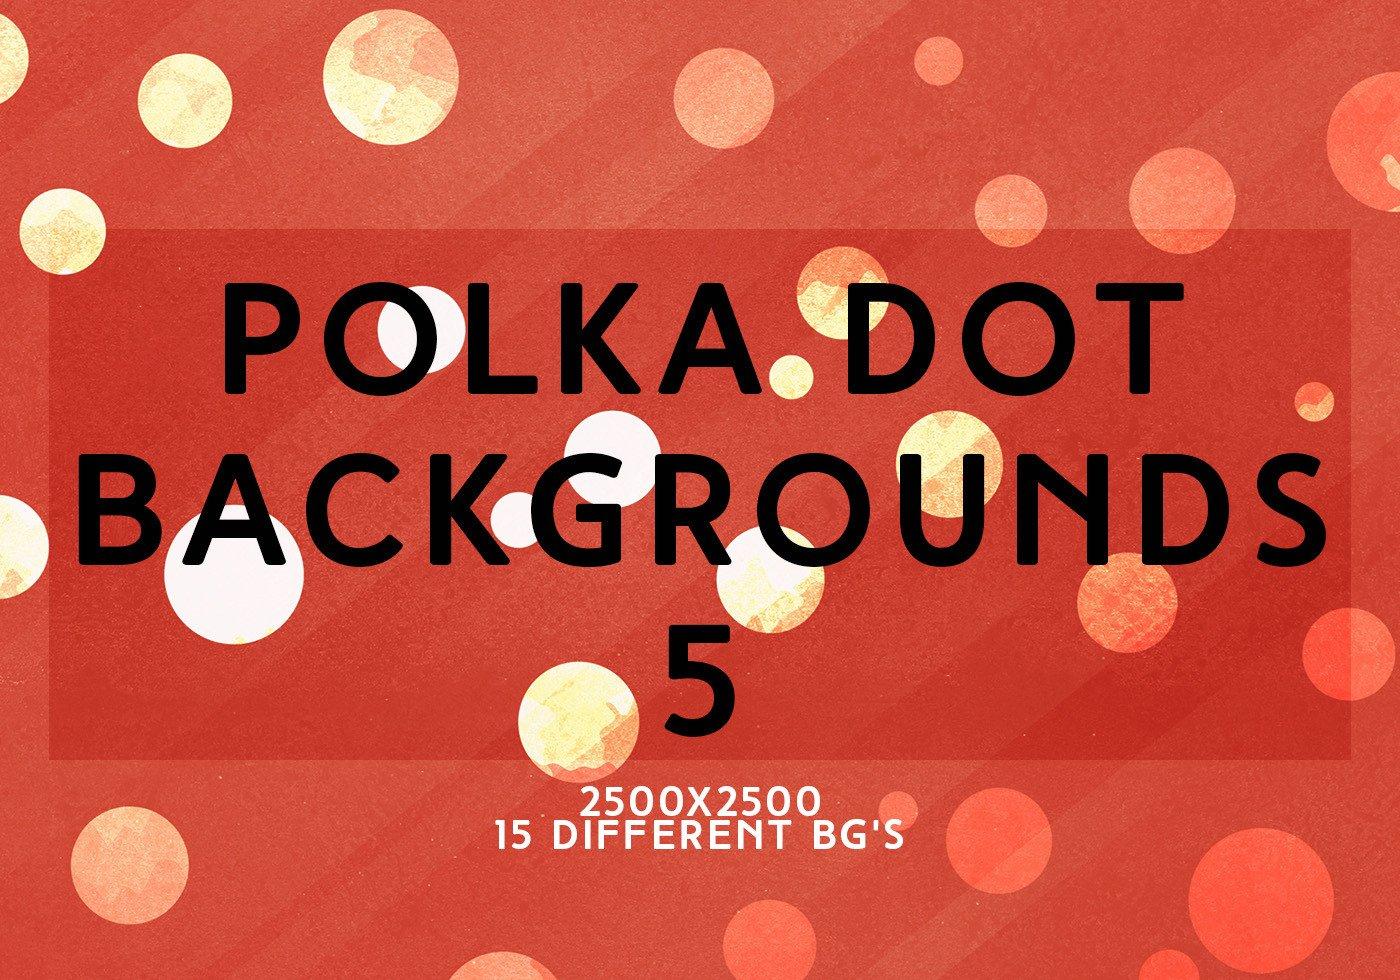 Polka Dot Brush Photoshop Polka Dot Backgrounds 5 Free Shop Brushes at Brusheezy